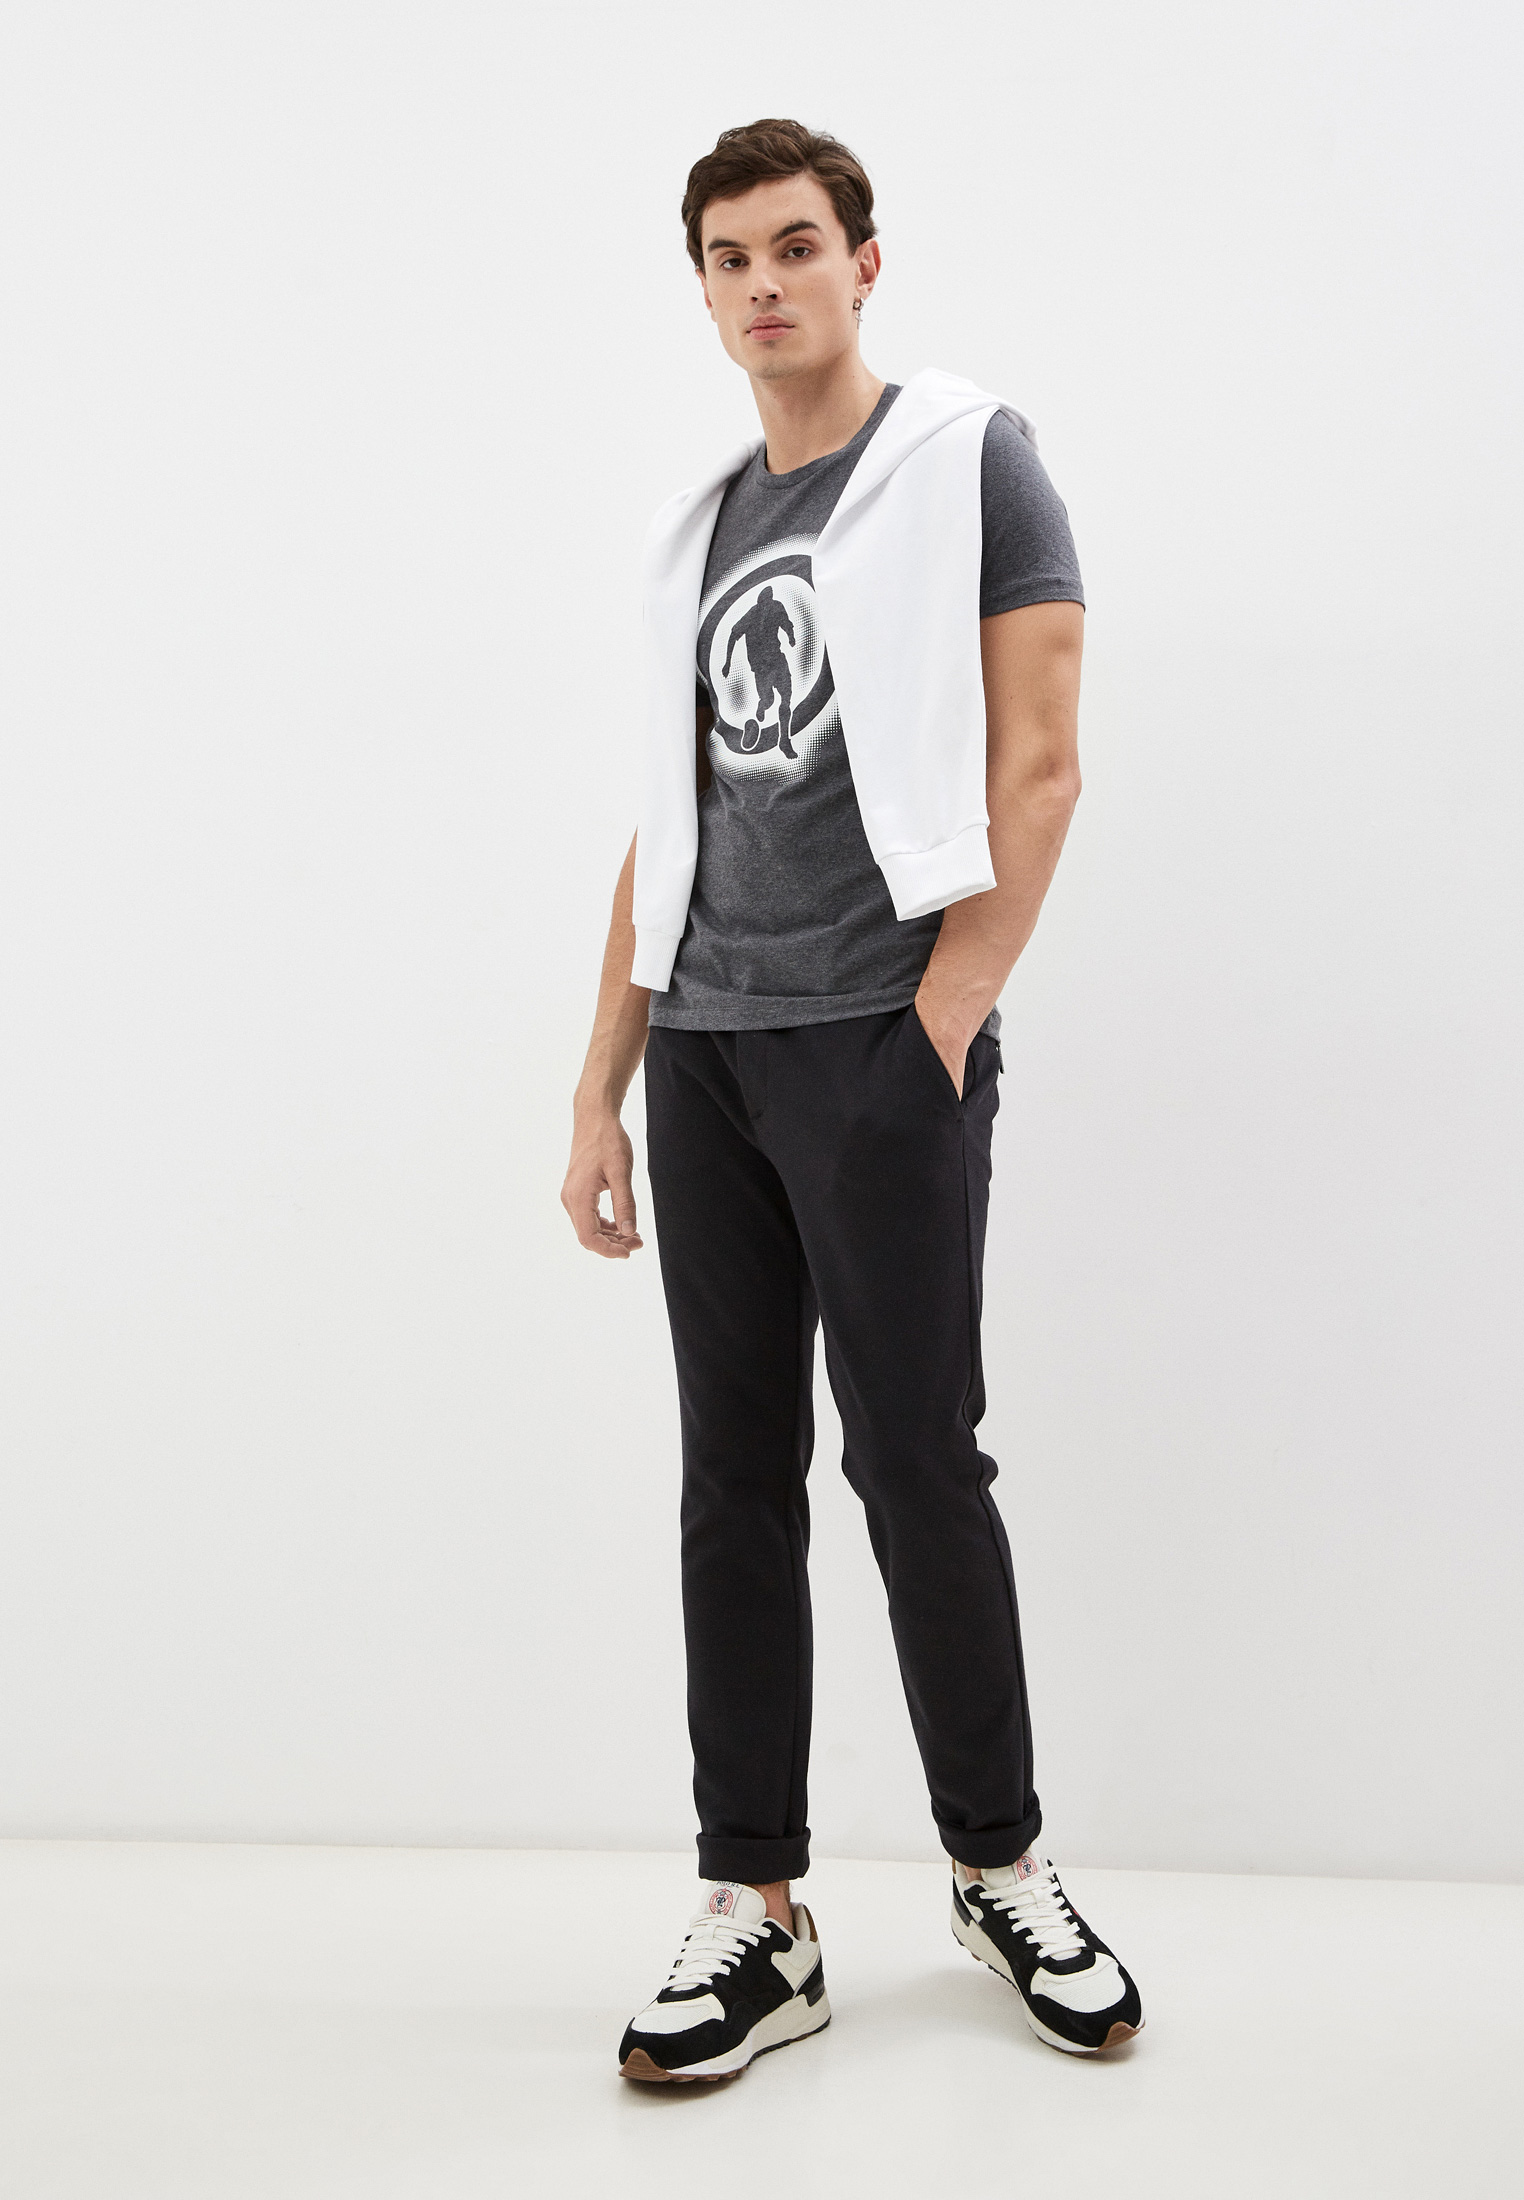 Мужская футболка Bikkembergs (Биккембергс) C 7 021 1T E 1814: изображение 3